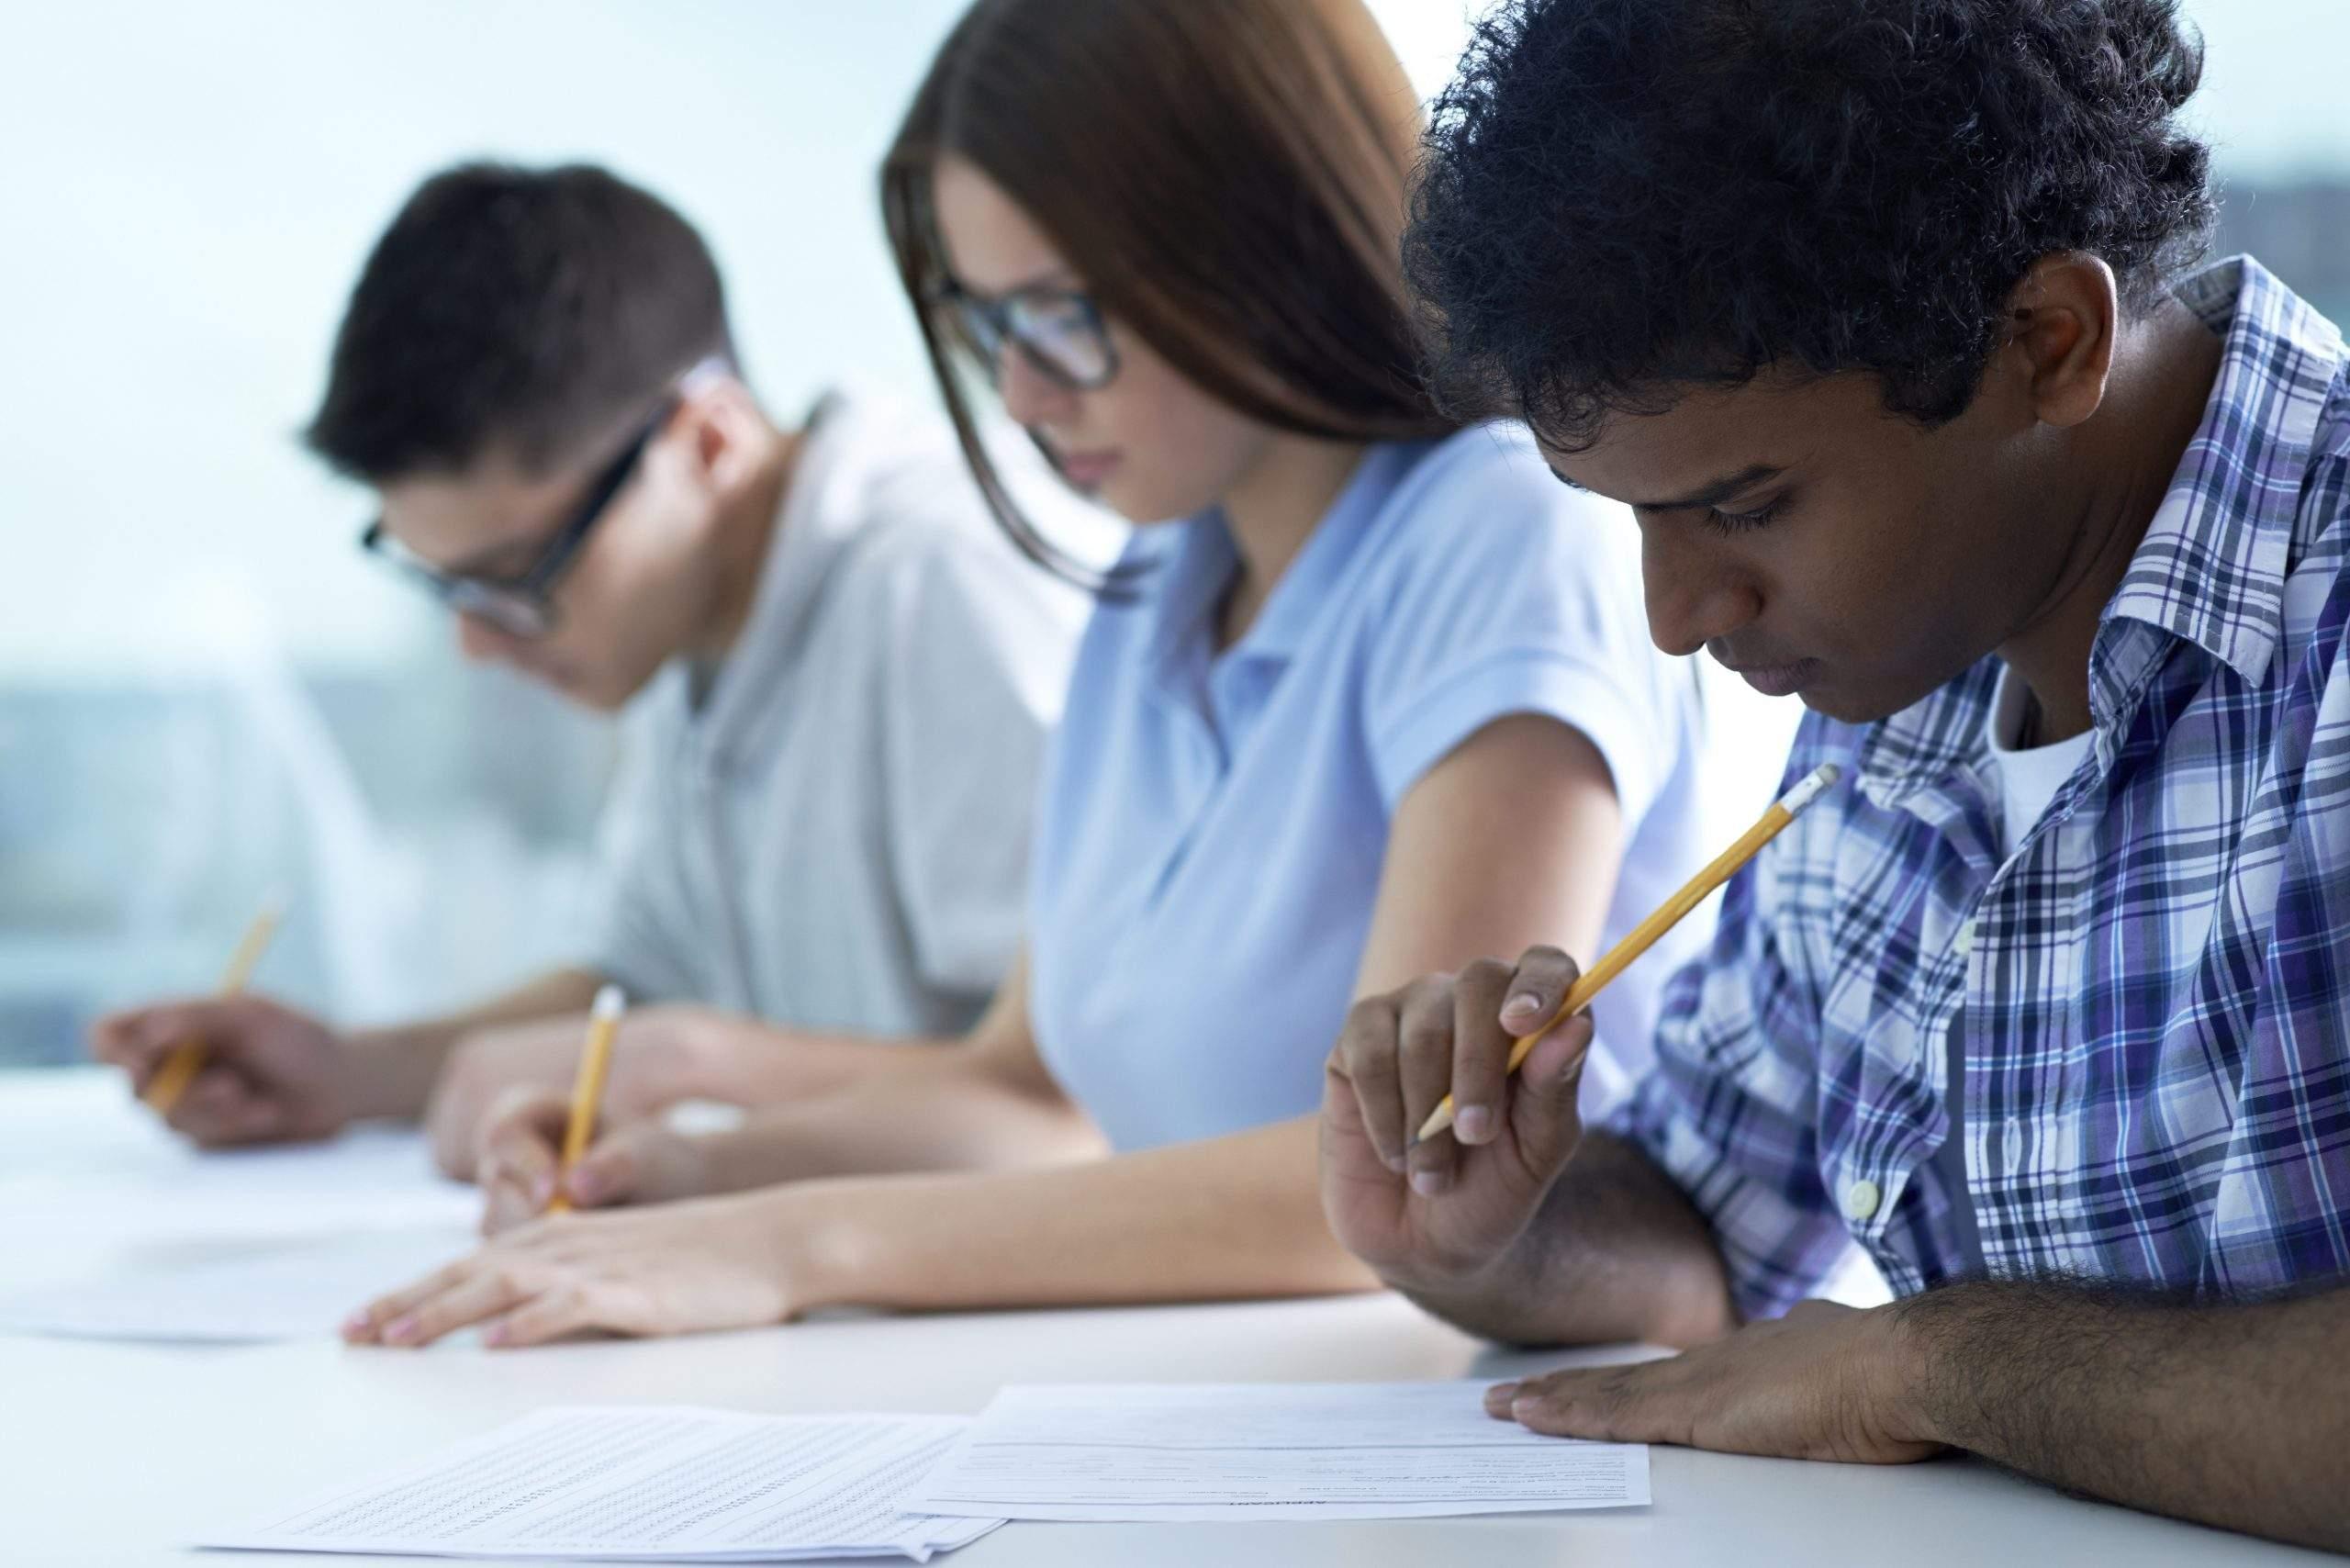 Concorsi docenti: approvato primo bando assunzioni, ecco dove